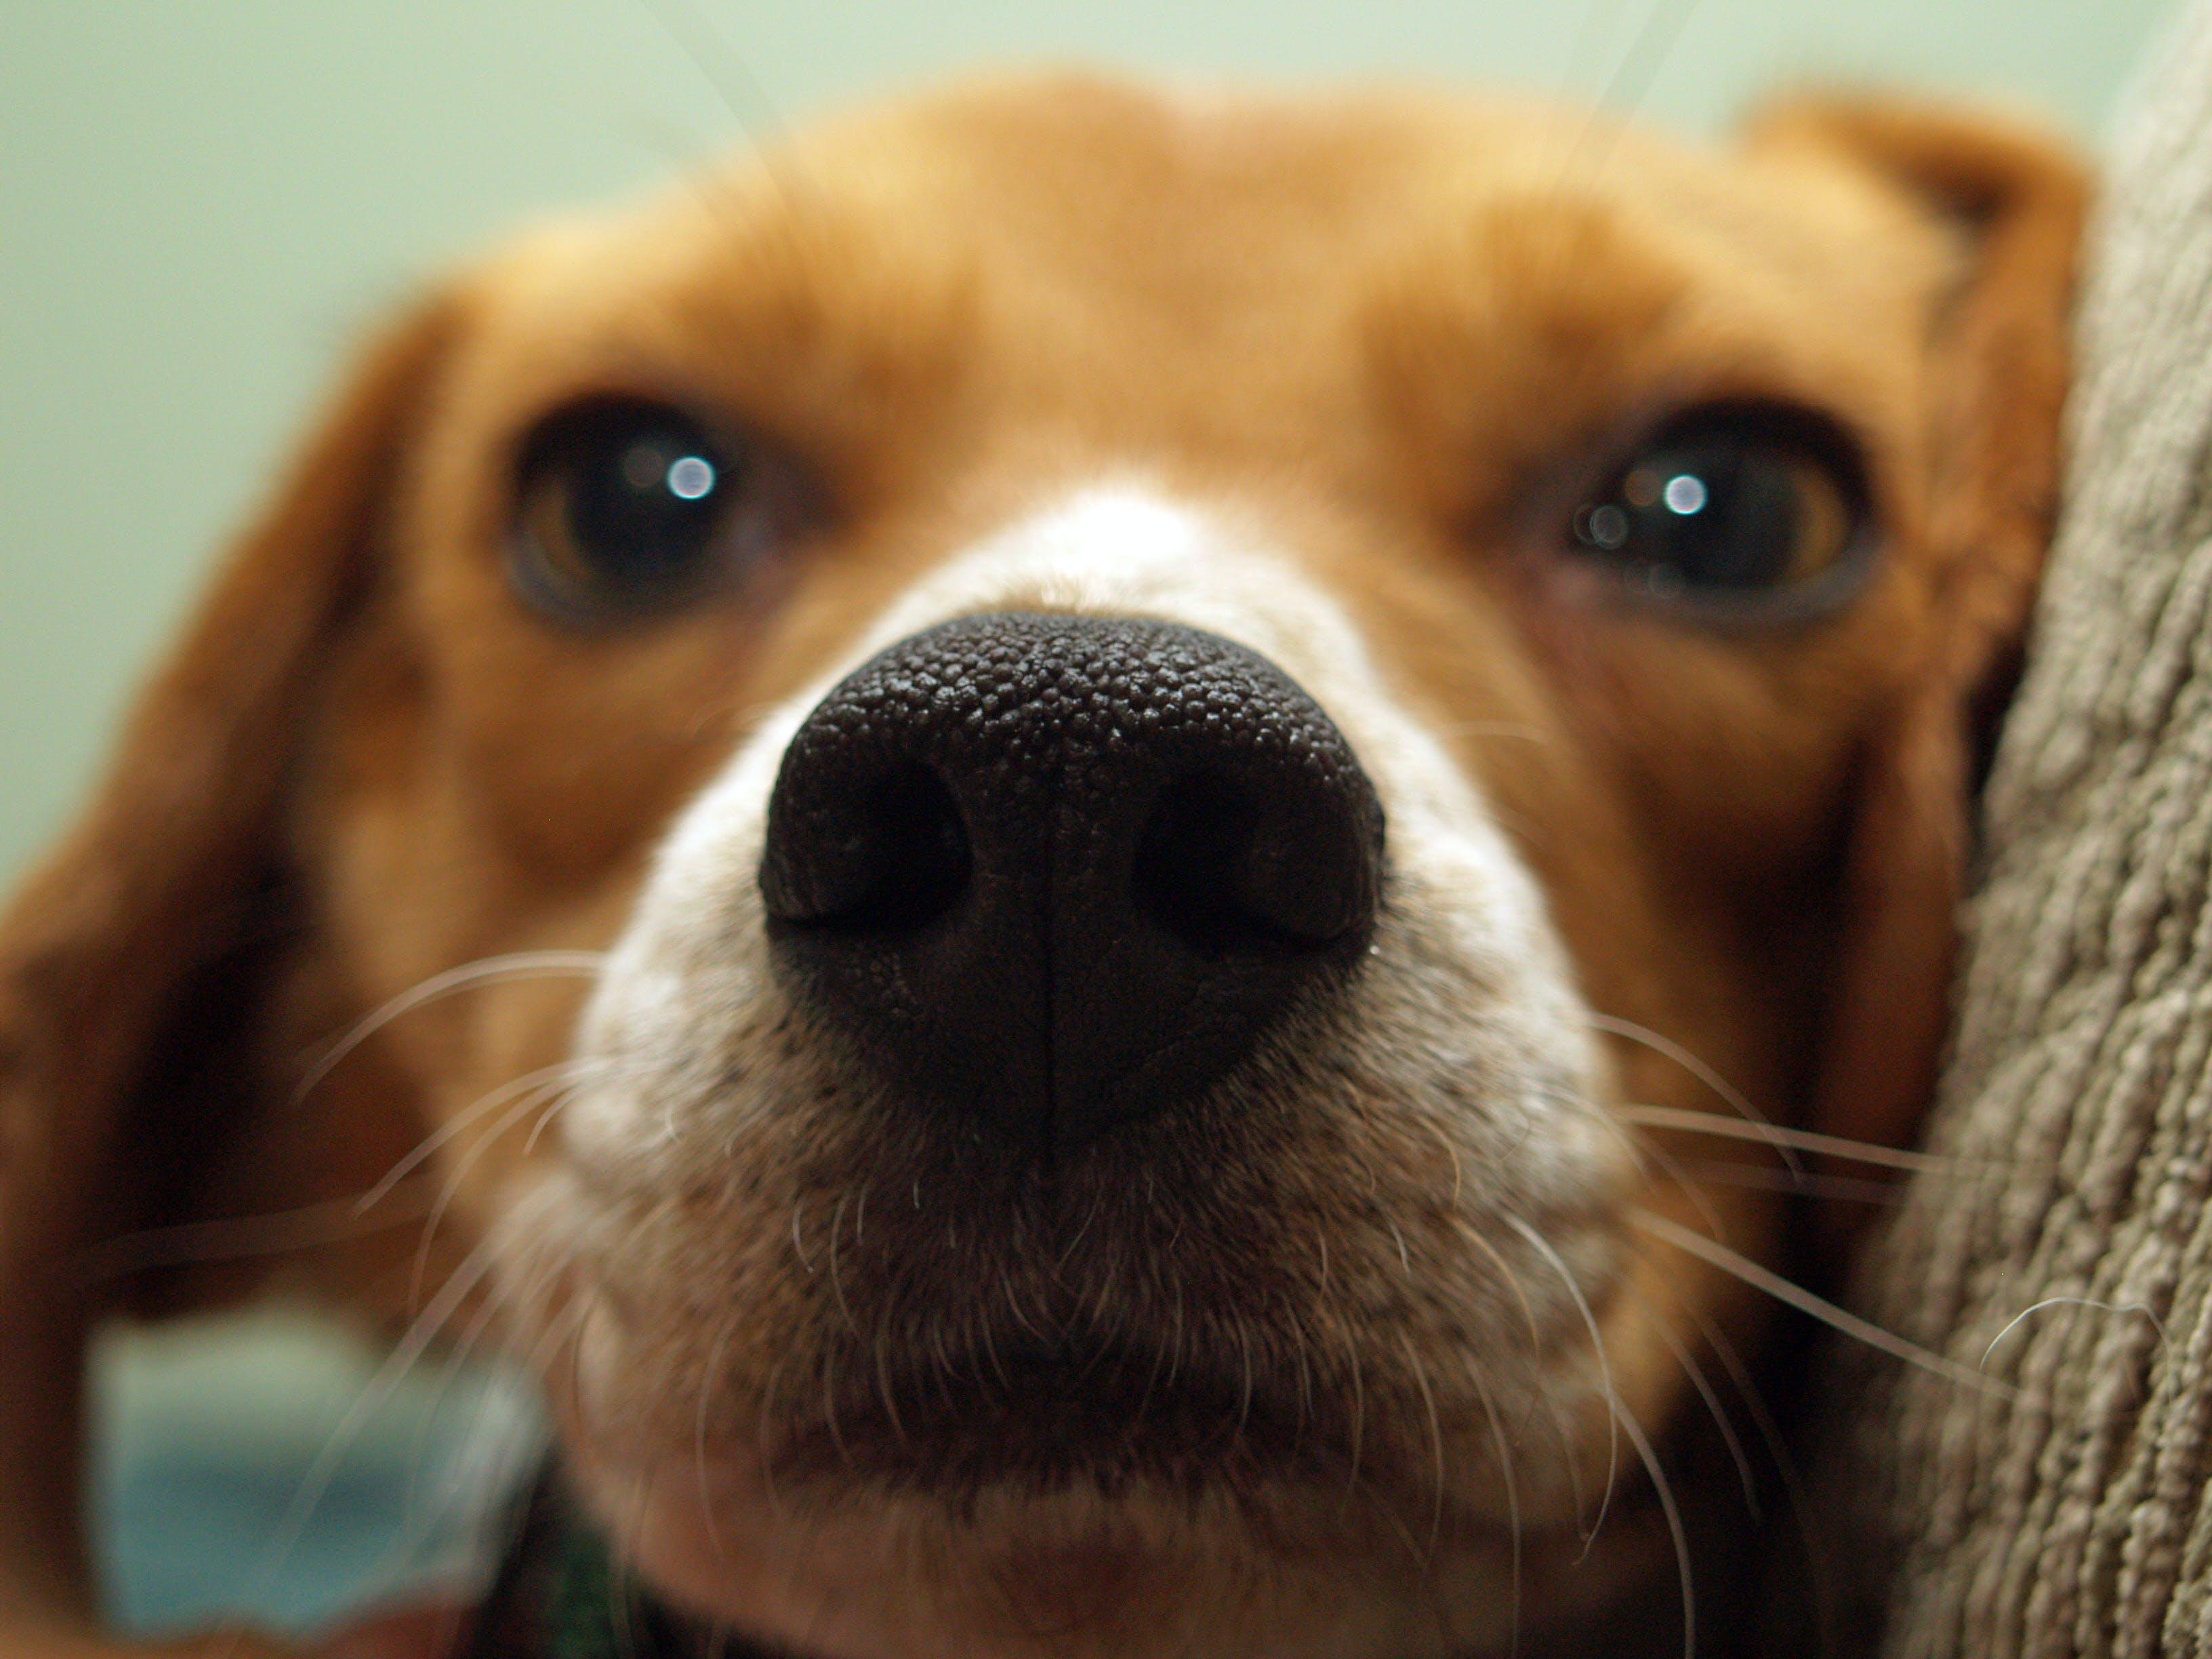 動物, 可愛, 寵物, 狗 的 免費圖庫相片